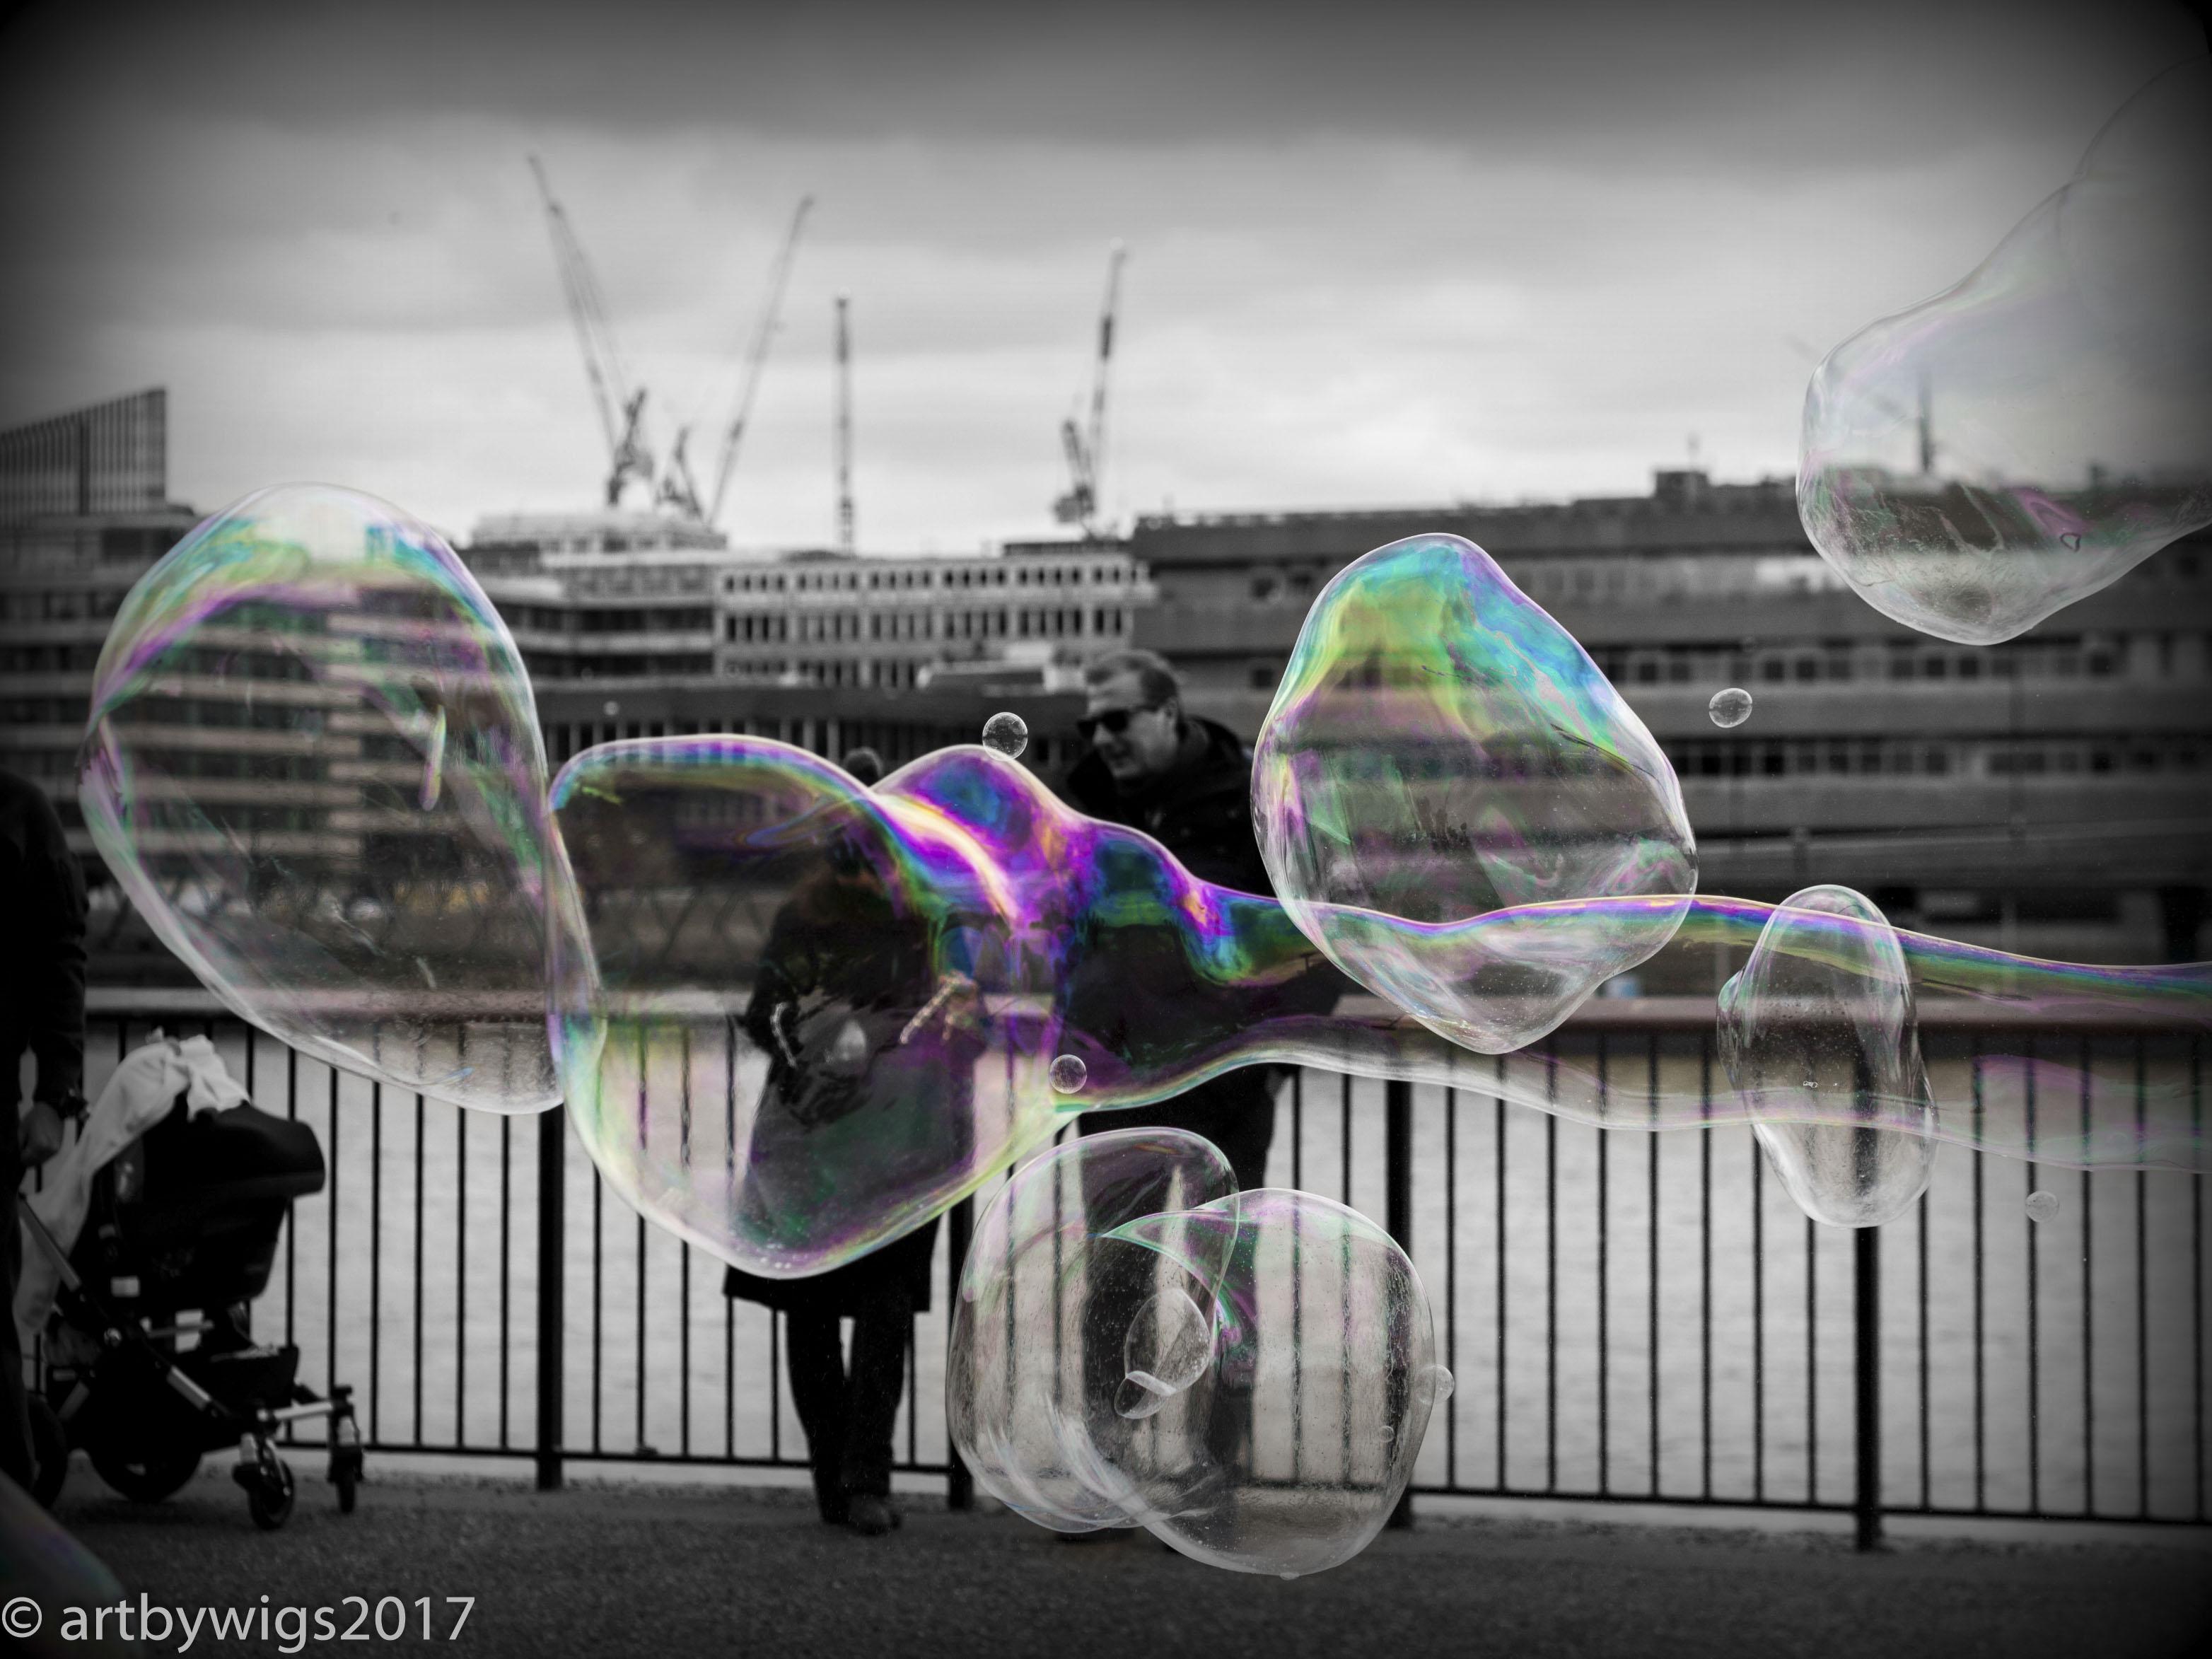 london 29-04-2017 01-